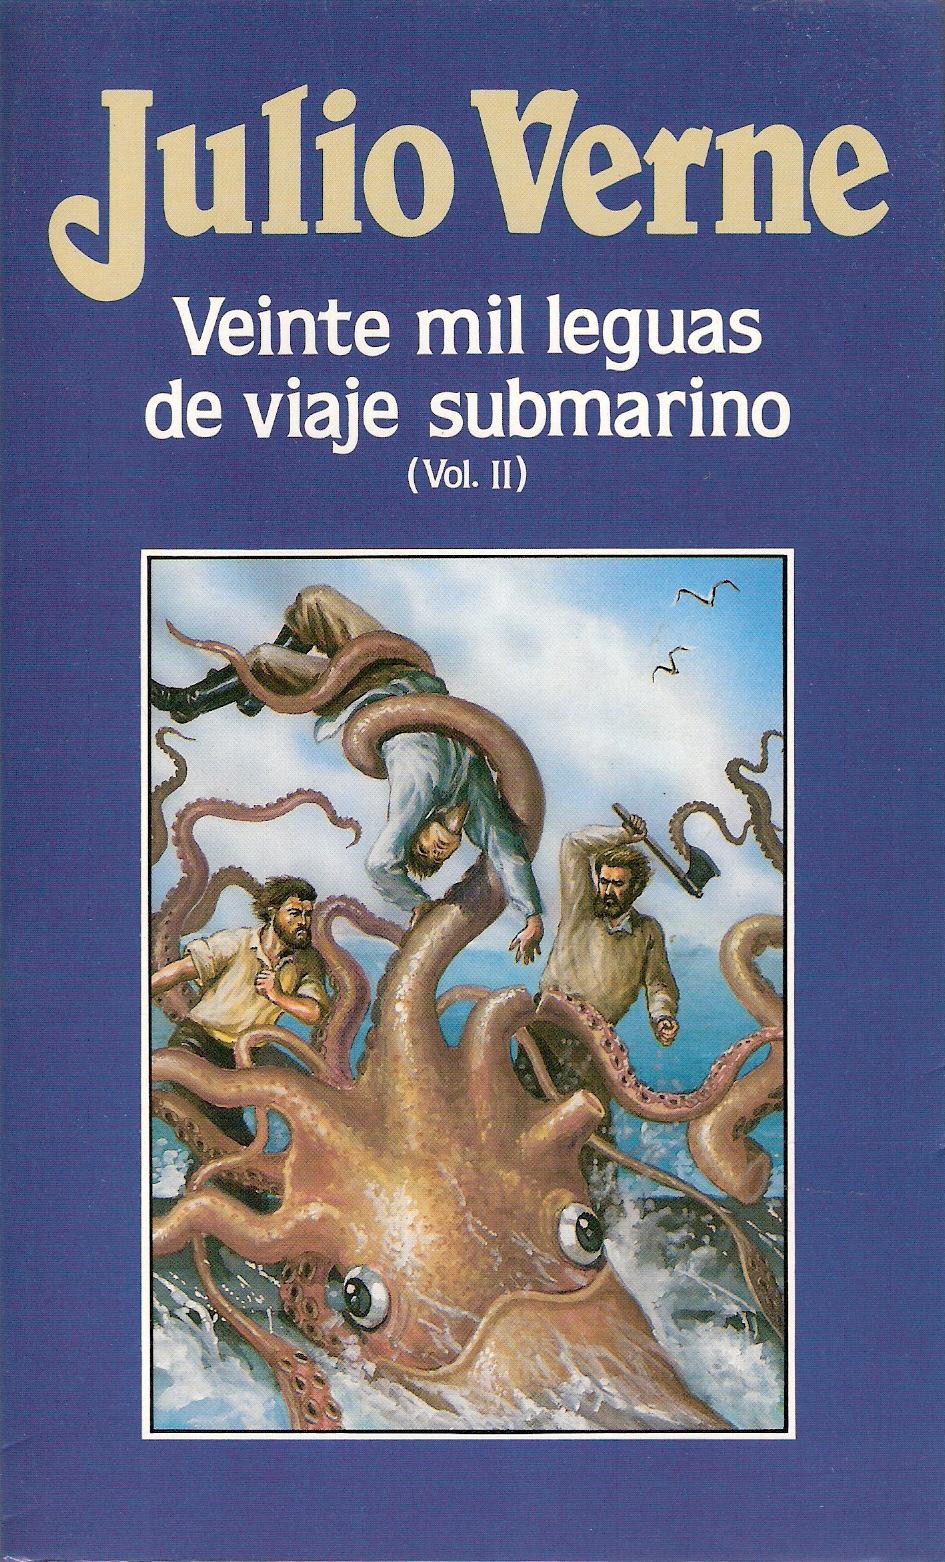 Veinte mil leguas de viajes submarino II